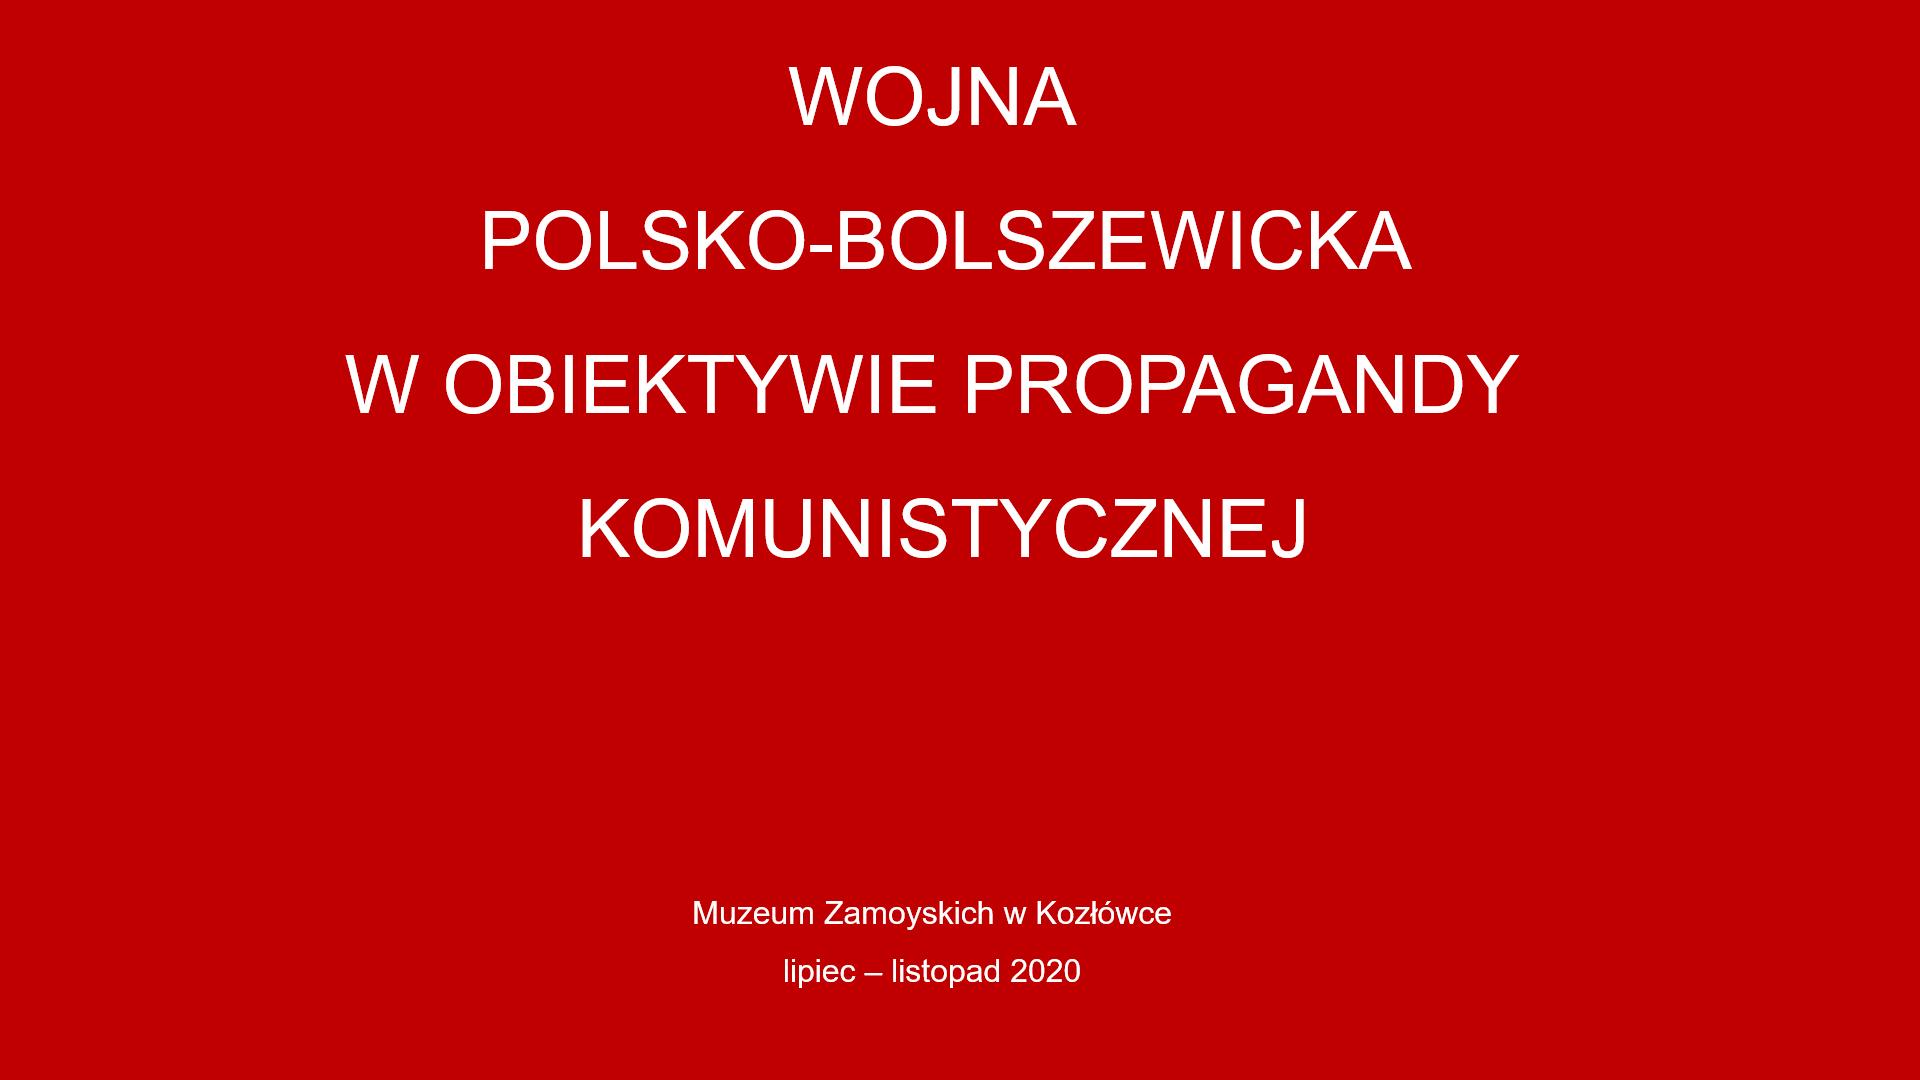 Czerwone tło na nim napis po środku wojna polsko-bolszewicka w obiektywie propagandy komunistycznej. Poniżej mniejszą czcionką Muzeum Zamoyskich w Kozłówce lipiec - listopad 2020